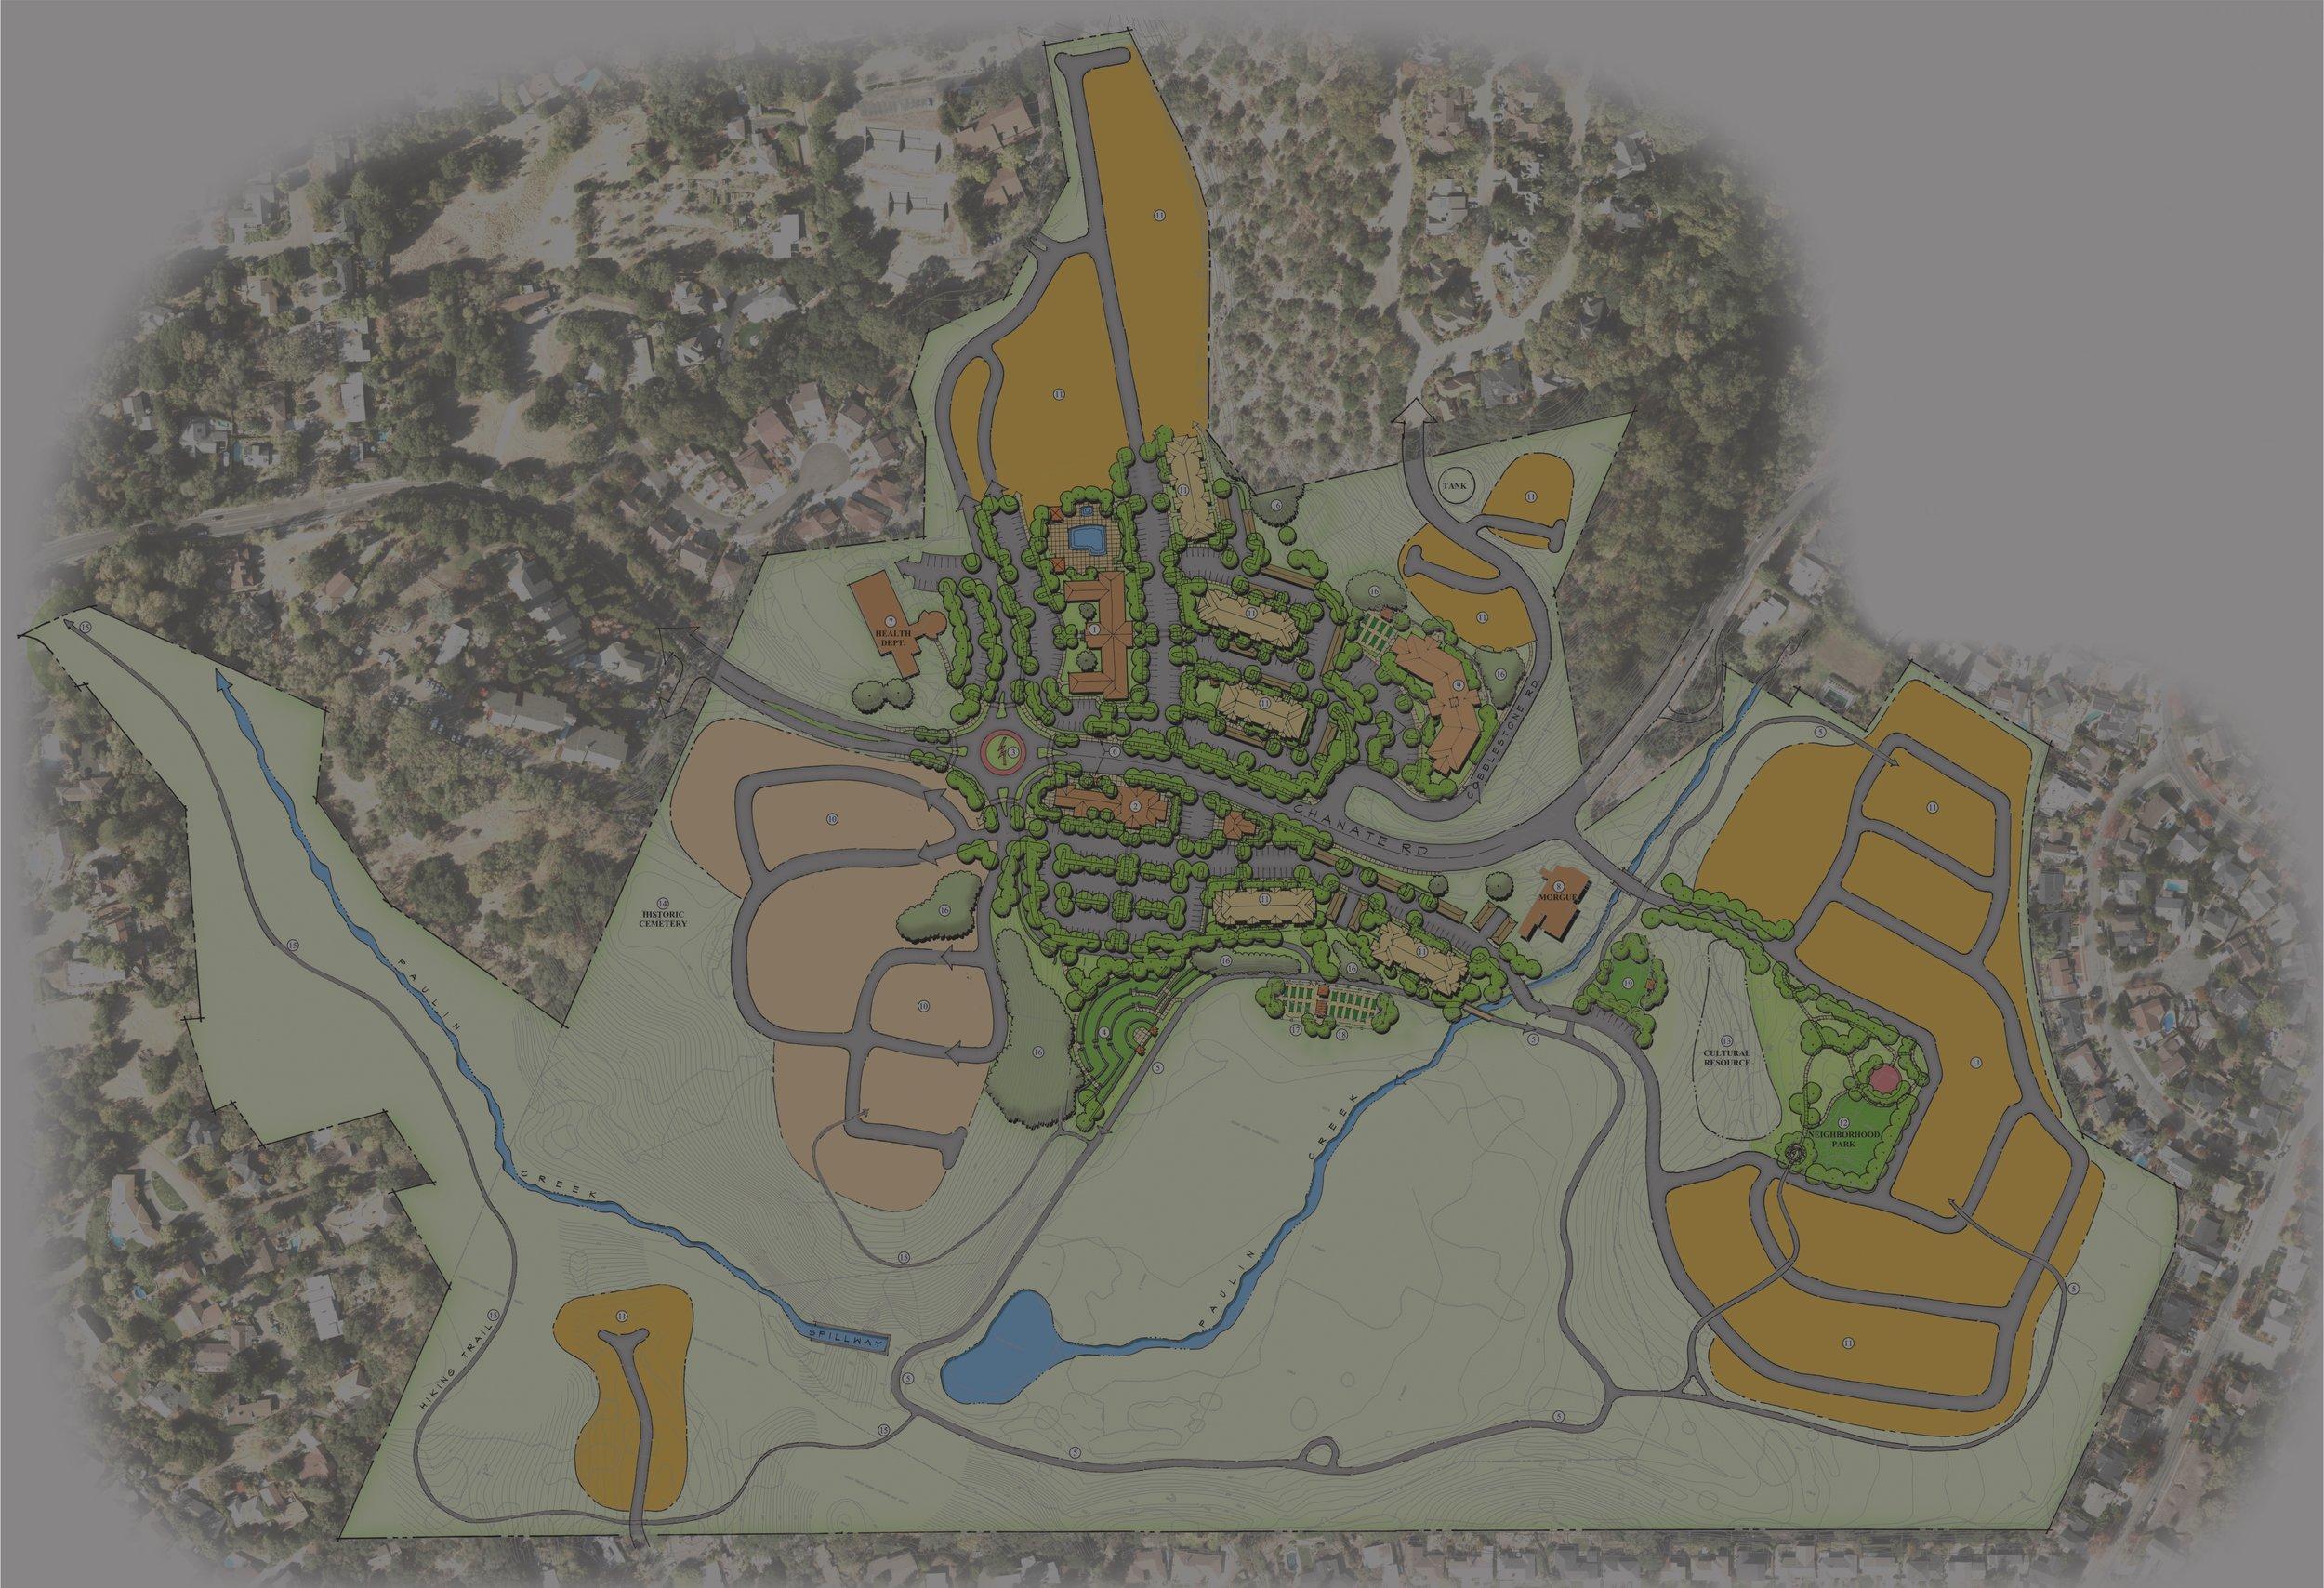 Santa Rosa deserves a better development, & Sonoma County deserves a better deal -